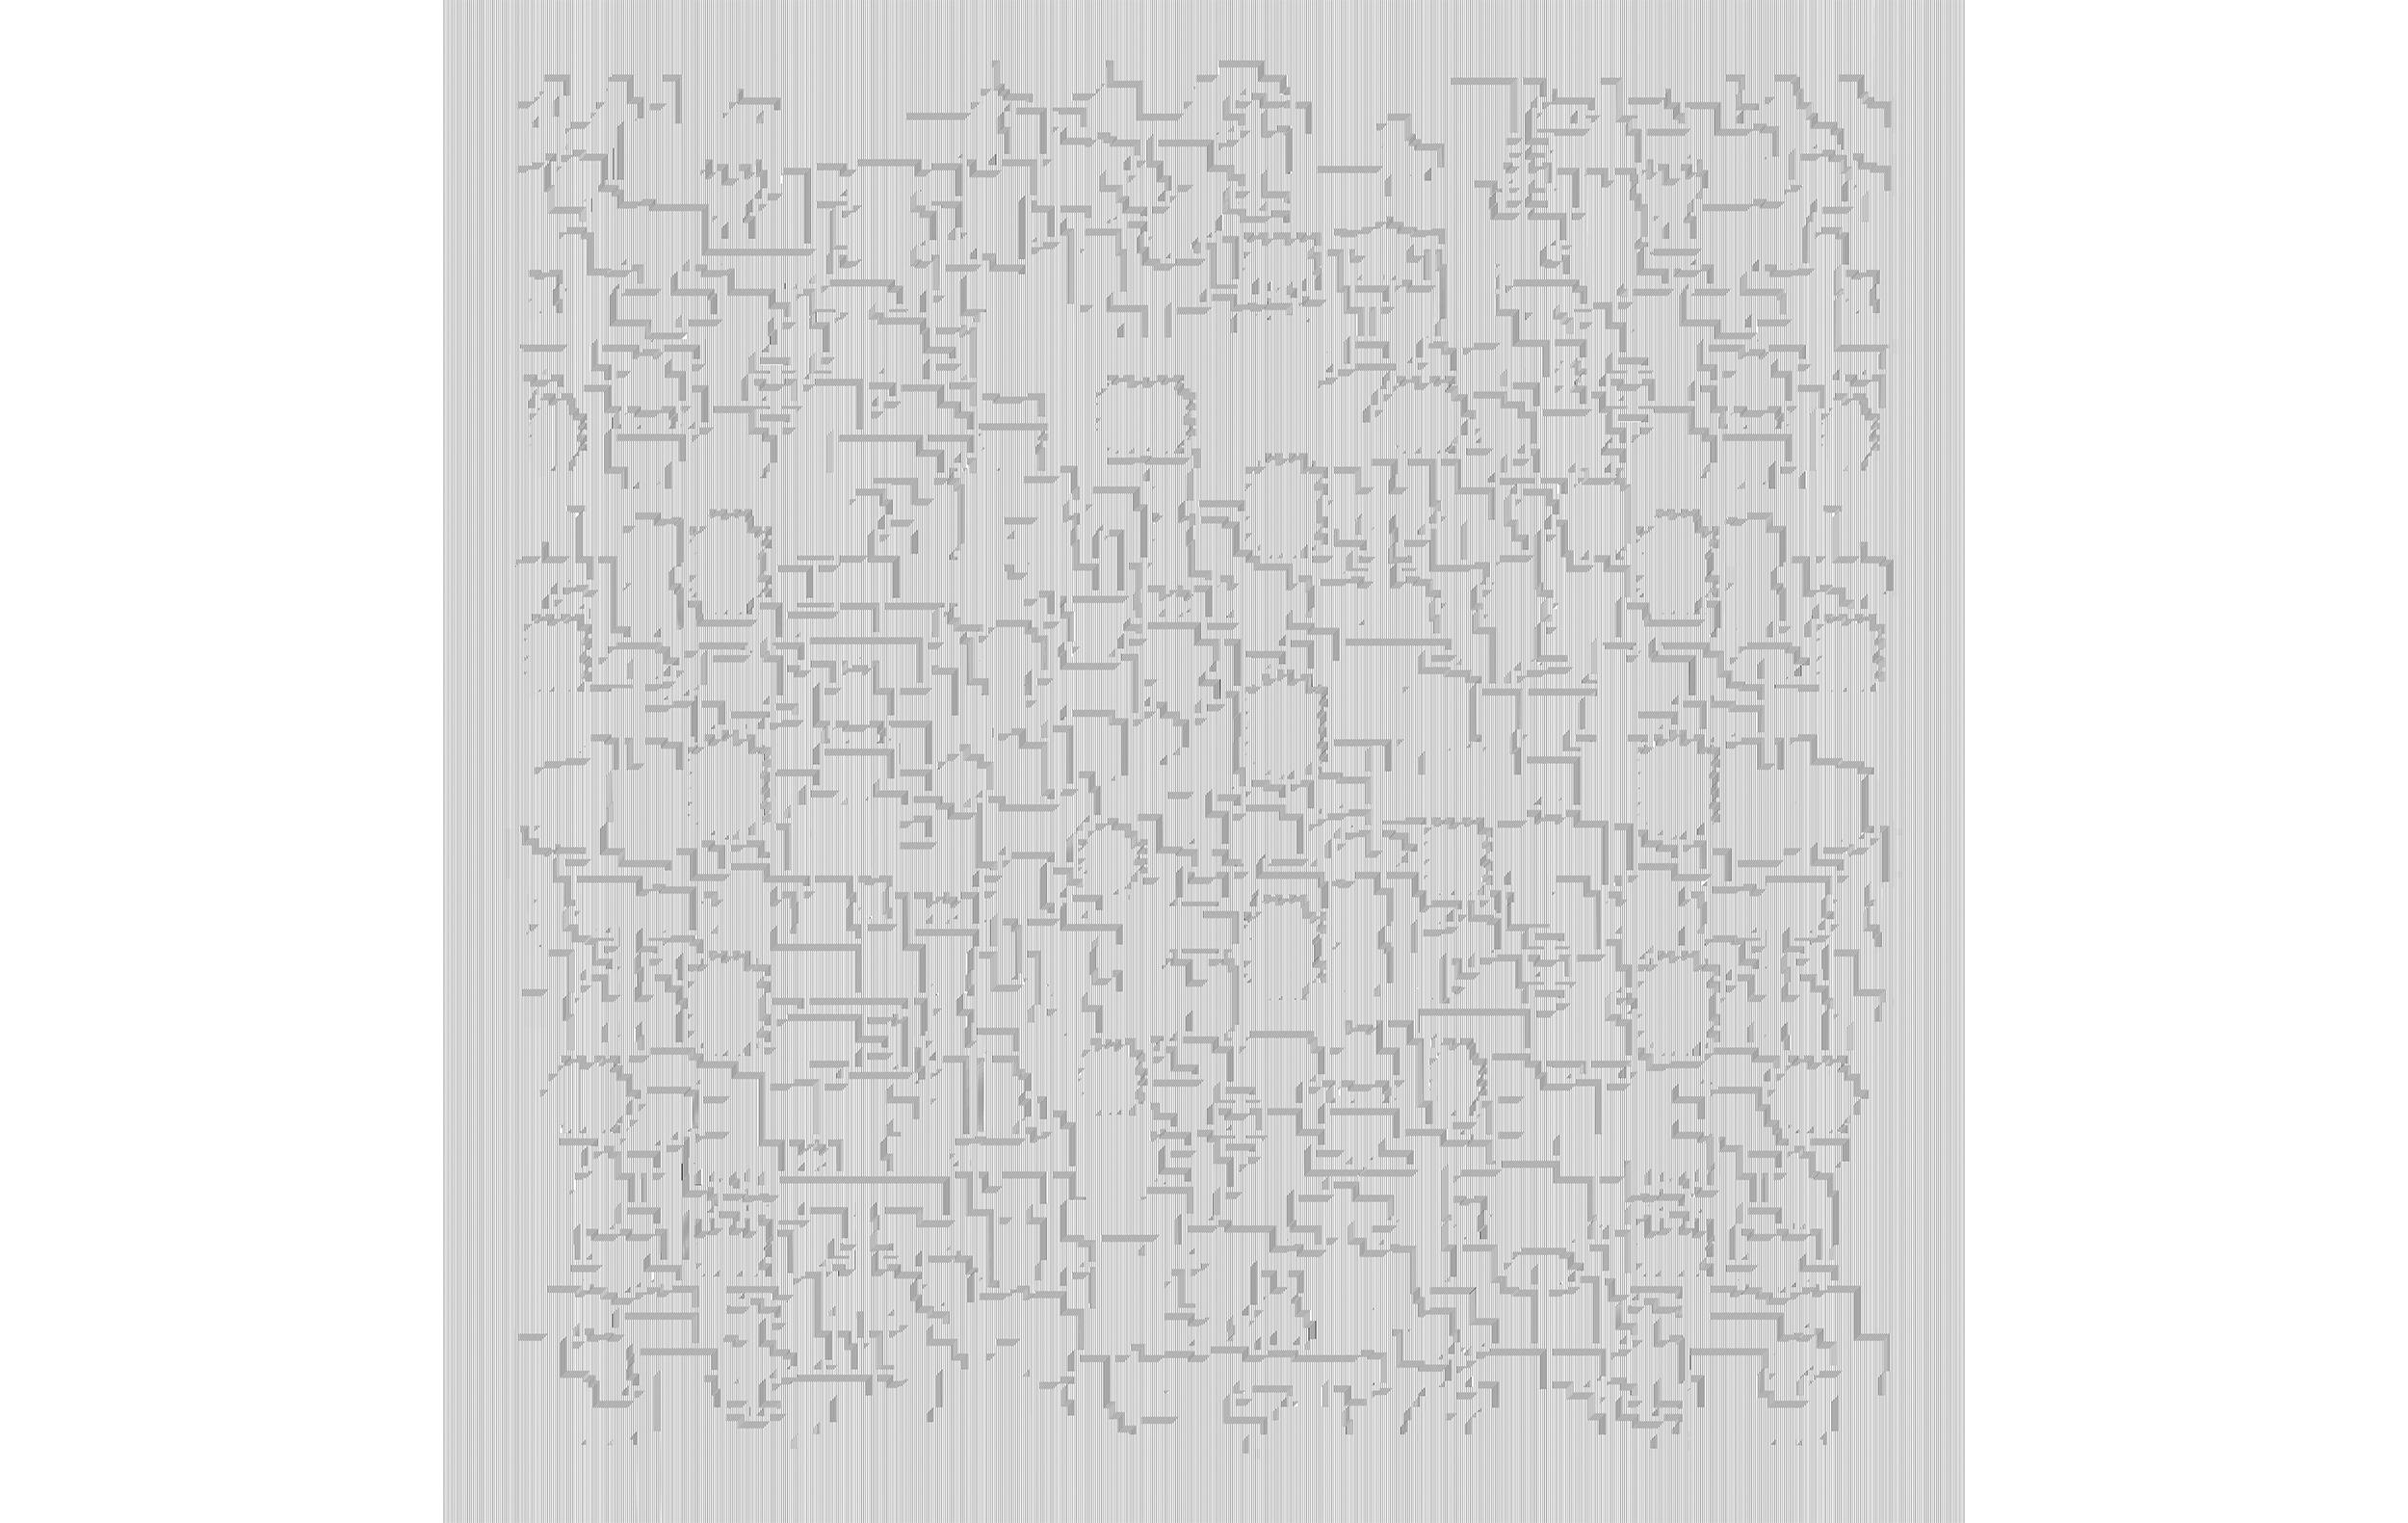 Young Ayata - LIMAMALIAMILILAM - drawing 4 web.jpg